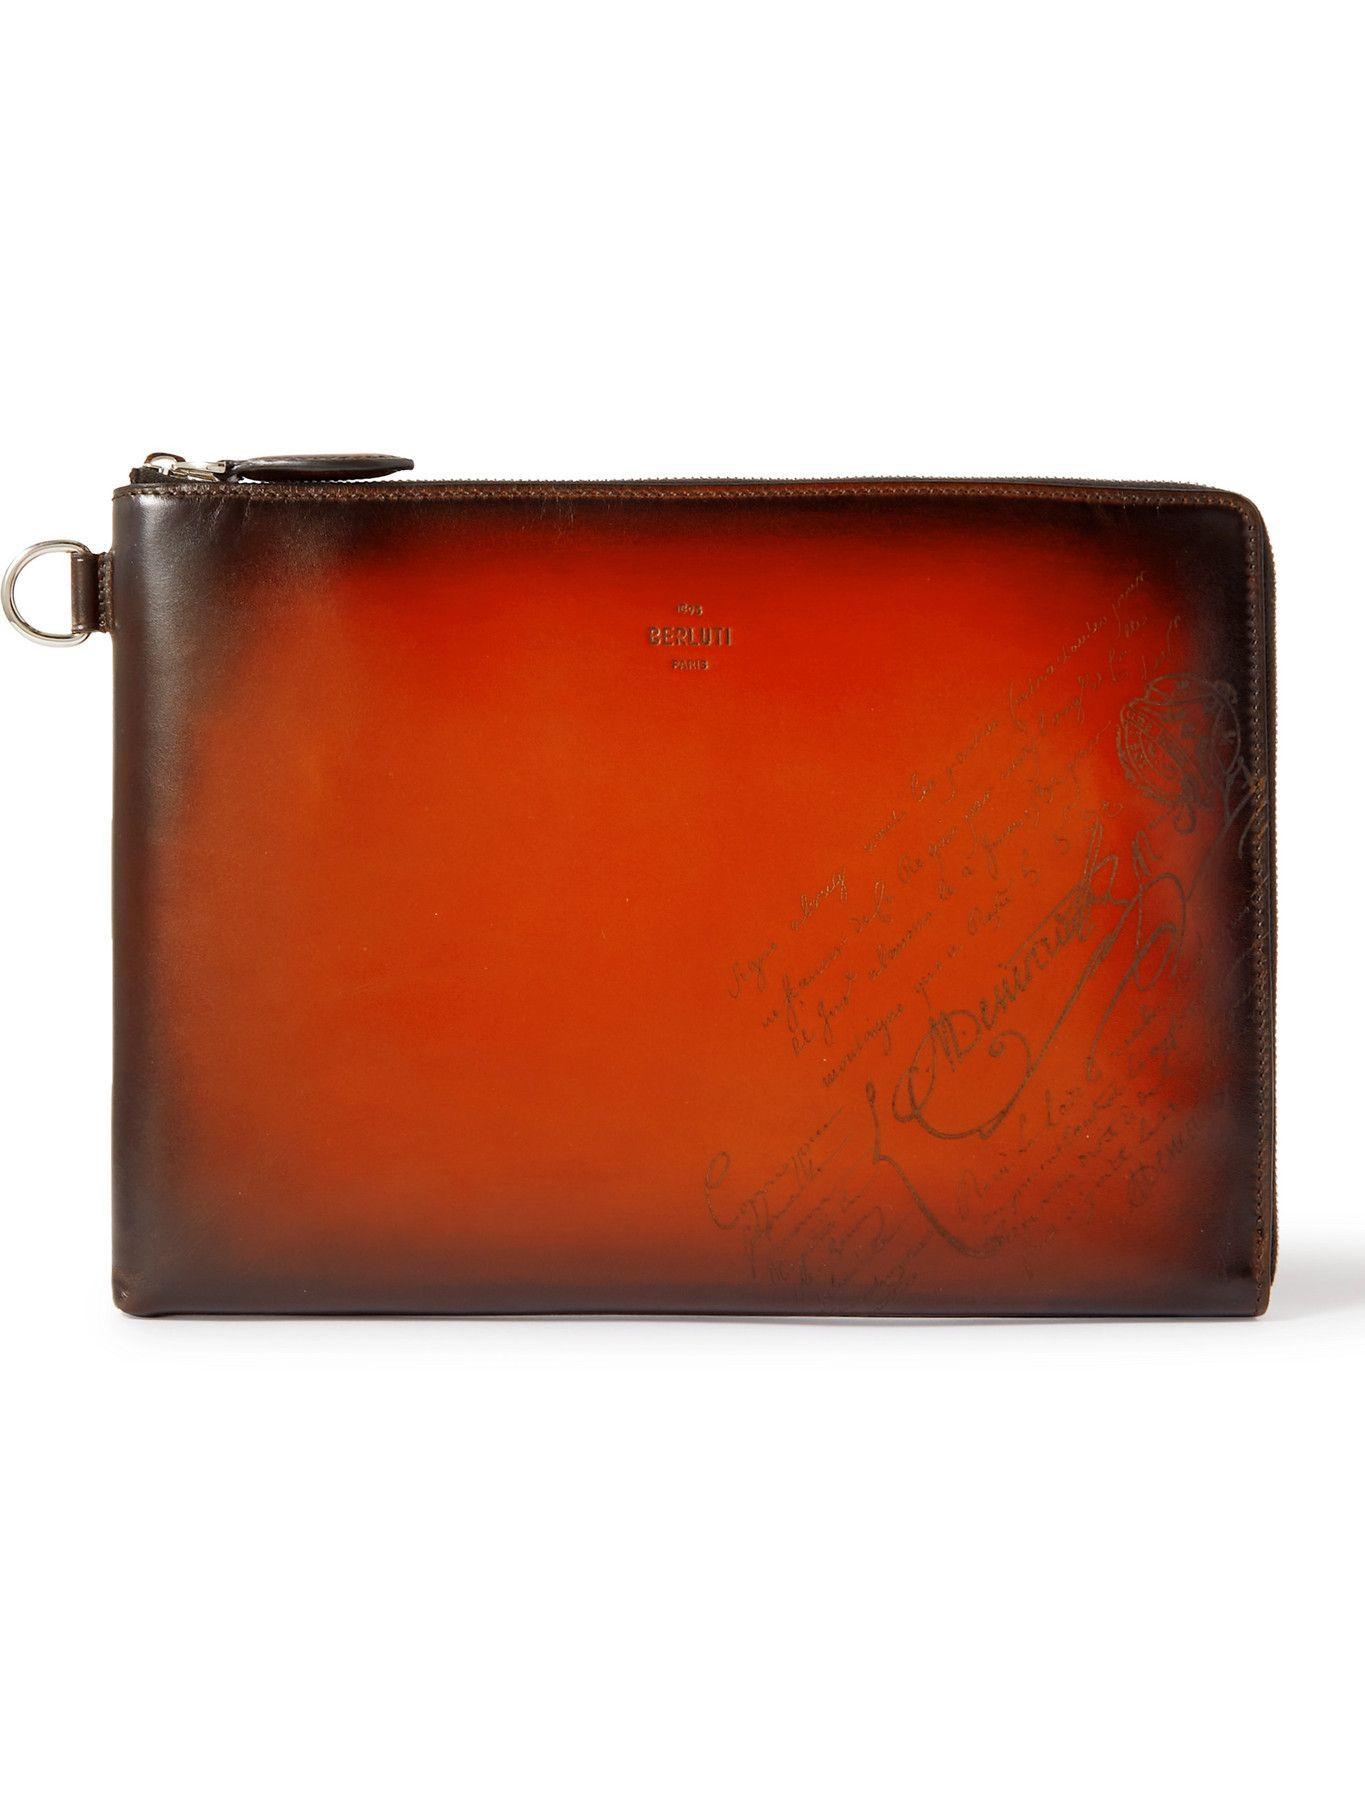 Photo: Berluti - Scritto Leather Pouch